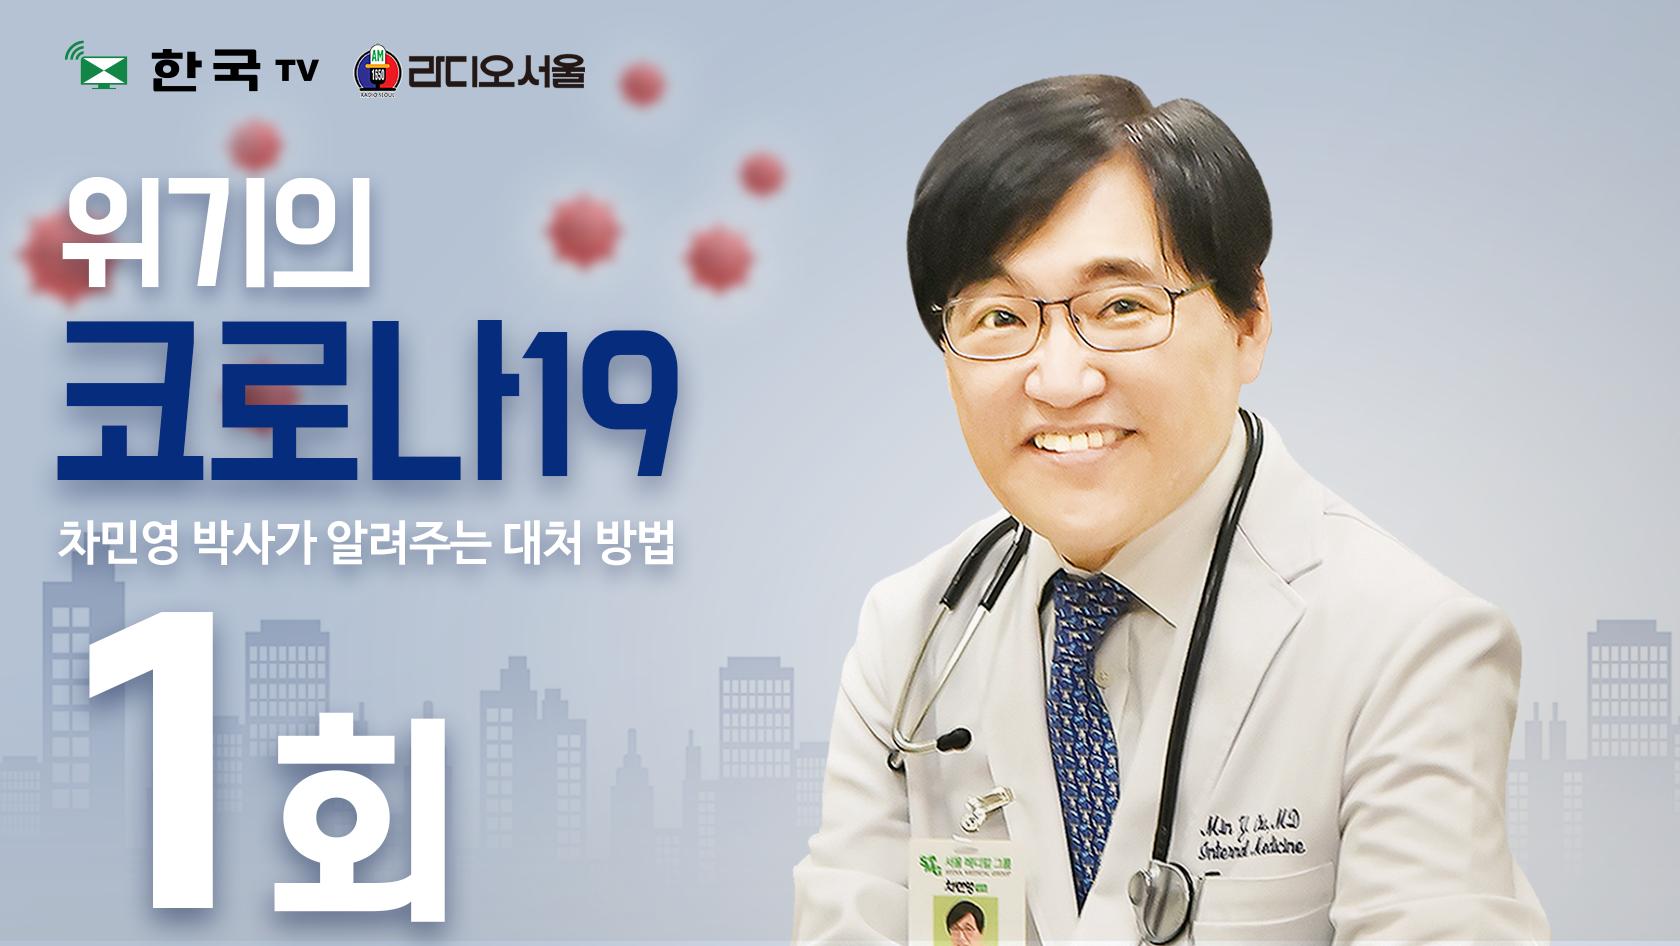 [차민영 박사] 1회 - 위기의 코로나19, 어떻게 대처해야 하는가?(03.04.20)